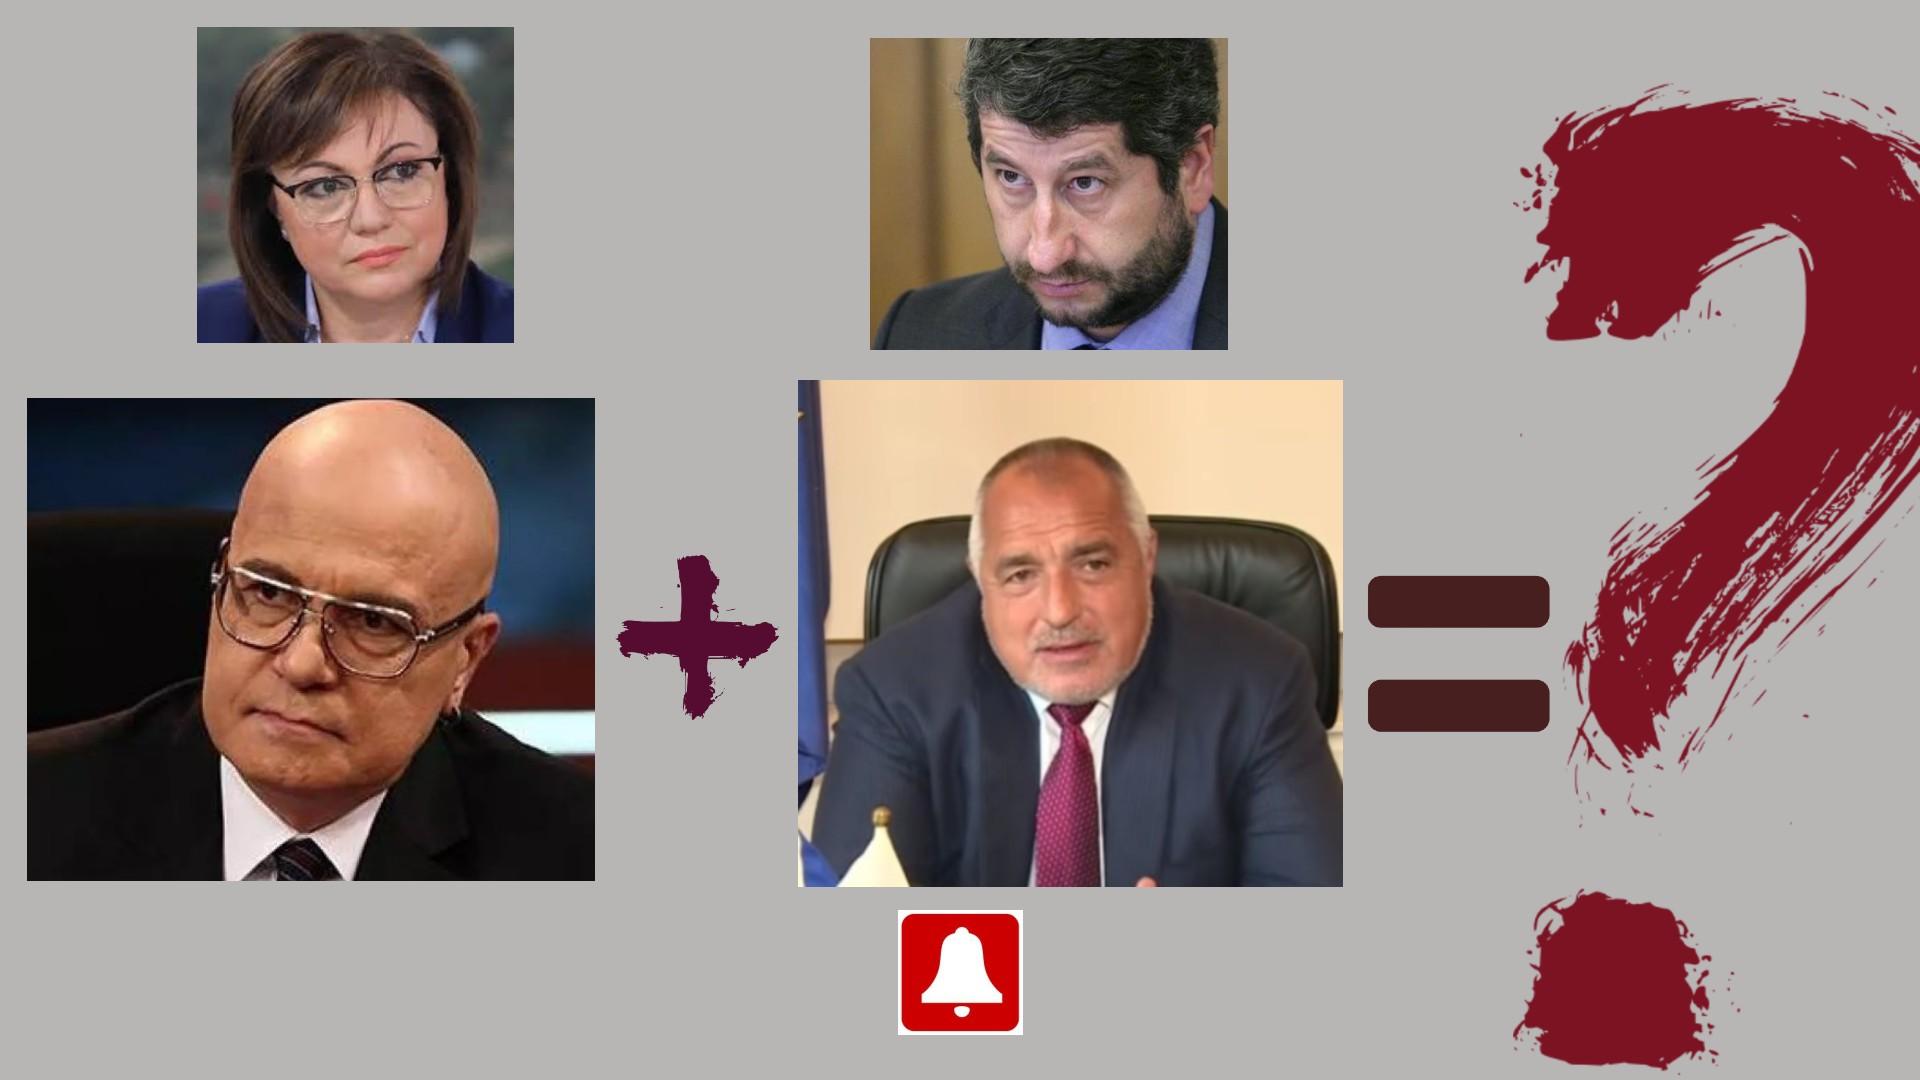 ГЕРБ ще е първа политическа сила, без възможност за управление на държавата.